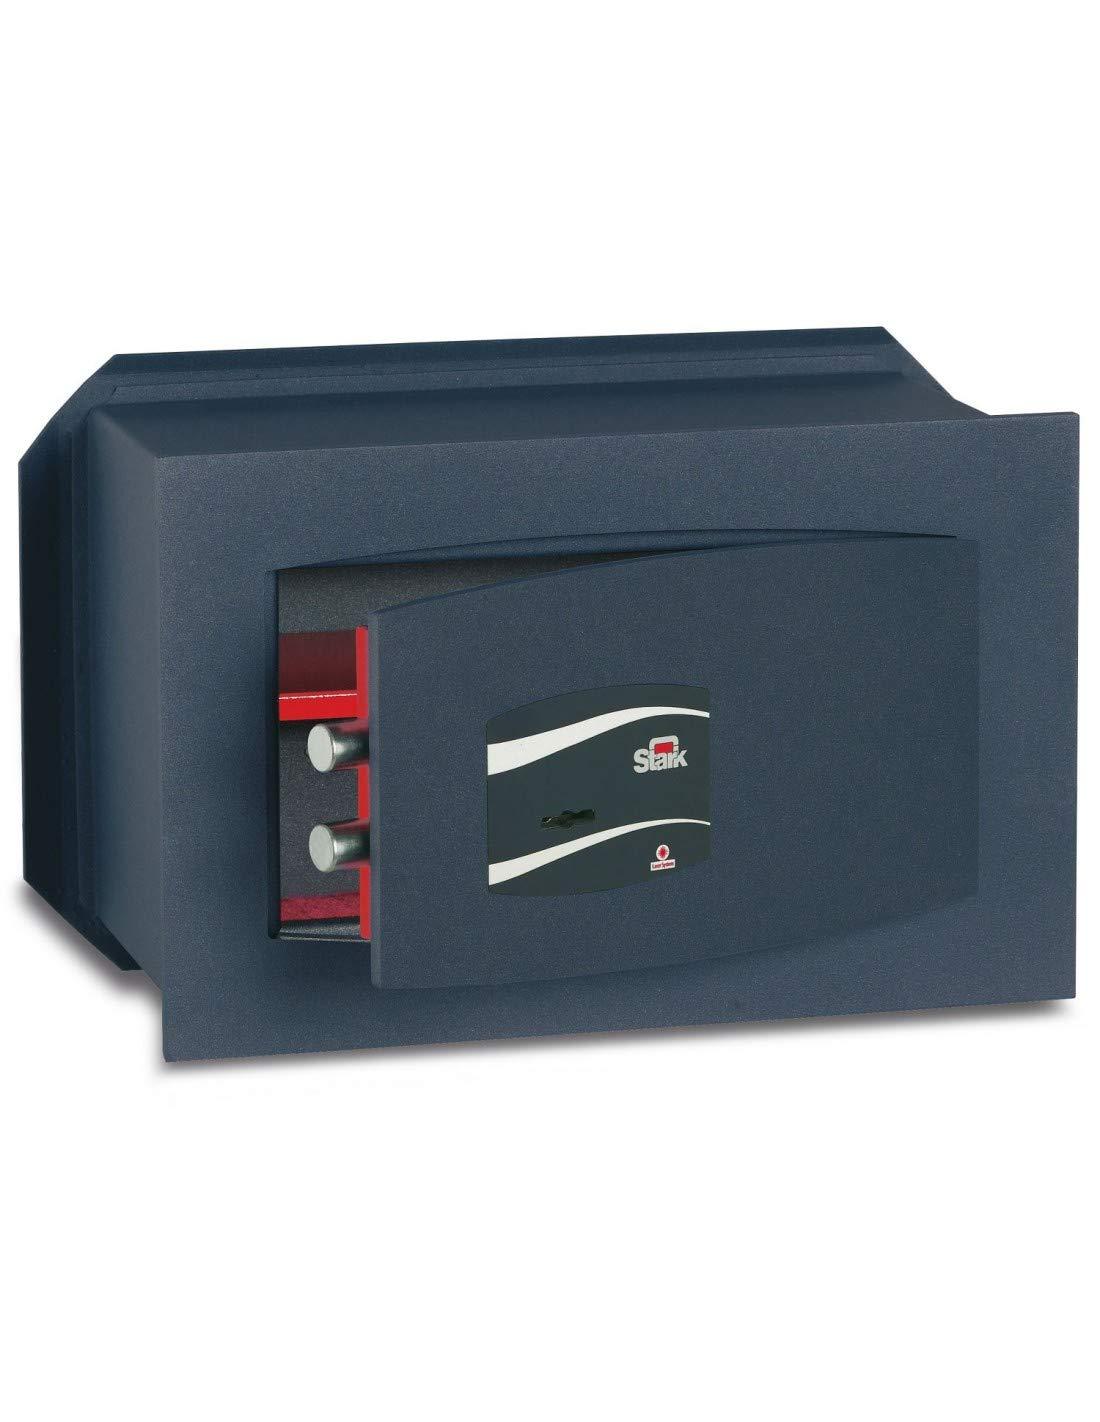 8 mm Espesura 5.8 L Volumen SCE8M58 Caja Fuerte de Empotrar con Llave